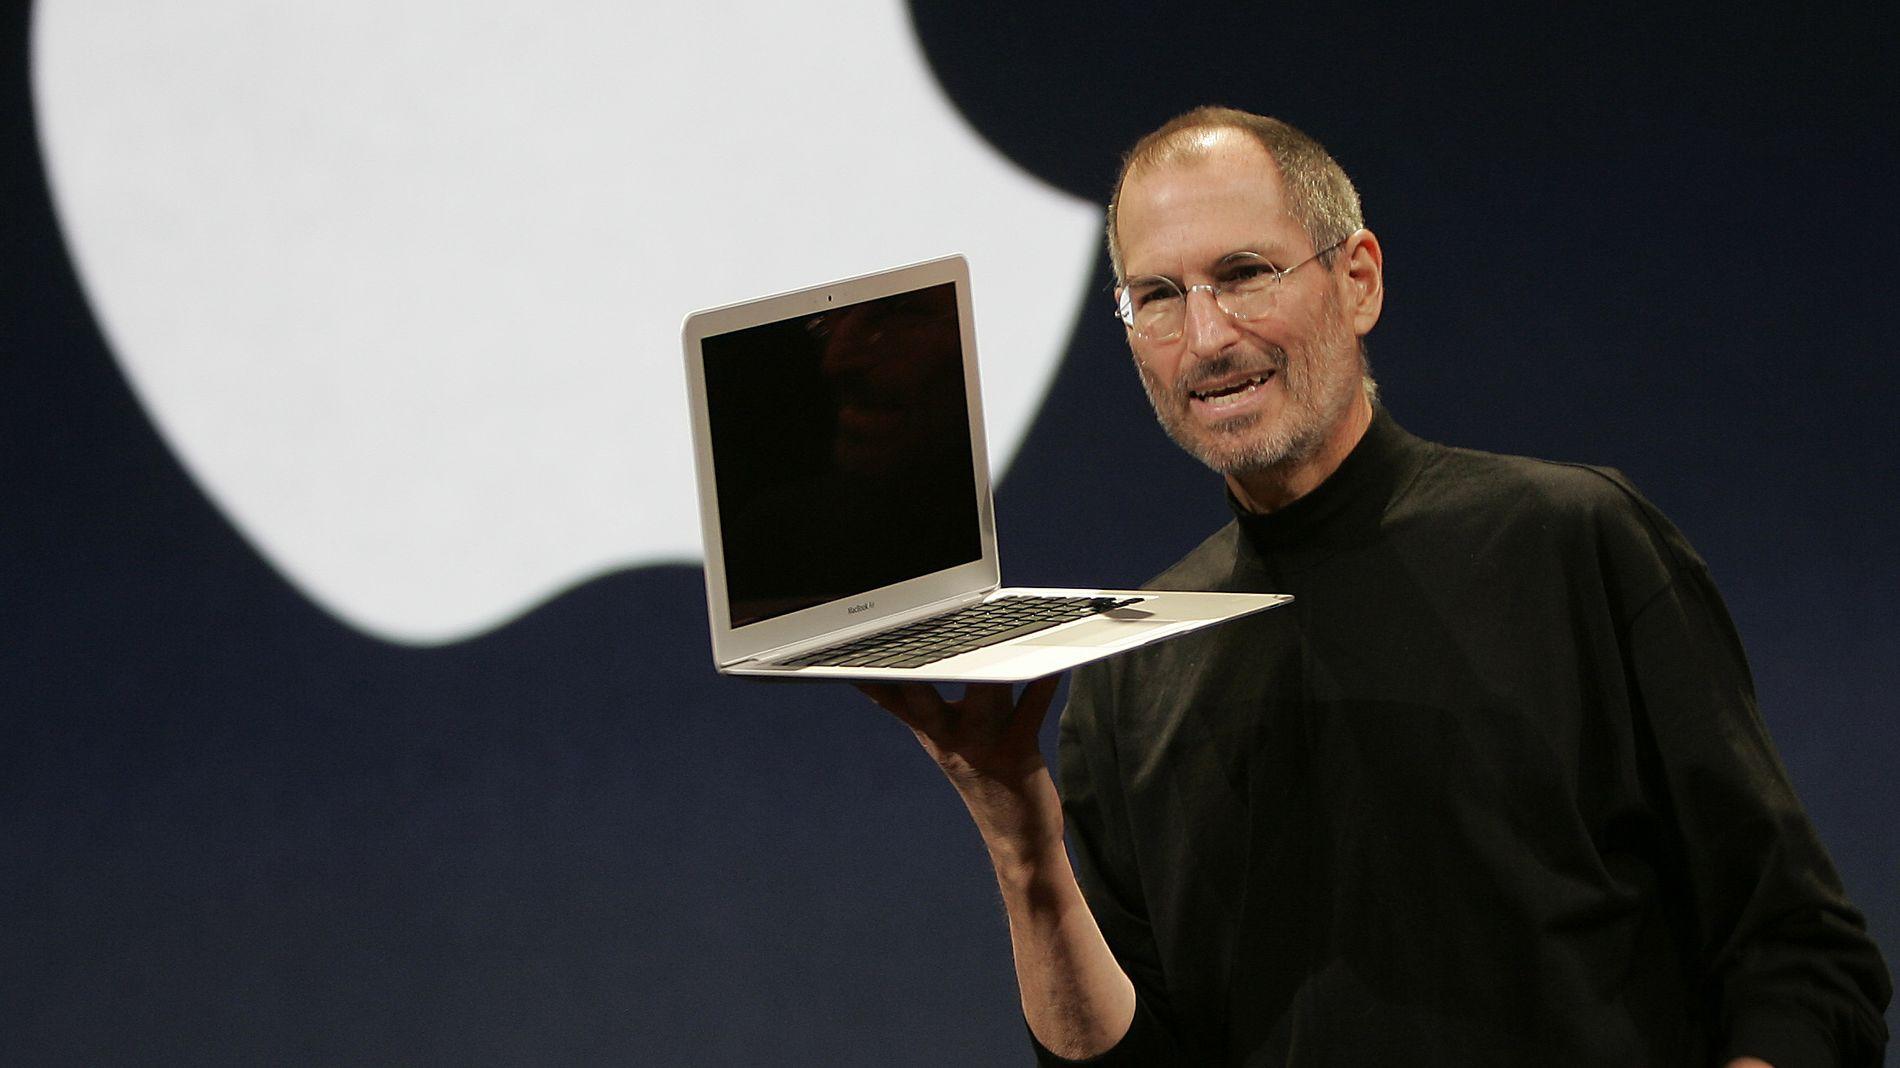 IDOLET: Steve Jobs iført sin sedvanlige svarte, høyhalsede genser. Theranos grunnleggeren idoliserte Jobs, og begynte å kopiere  klesstilen til Apple-ikonet.